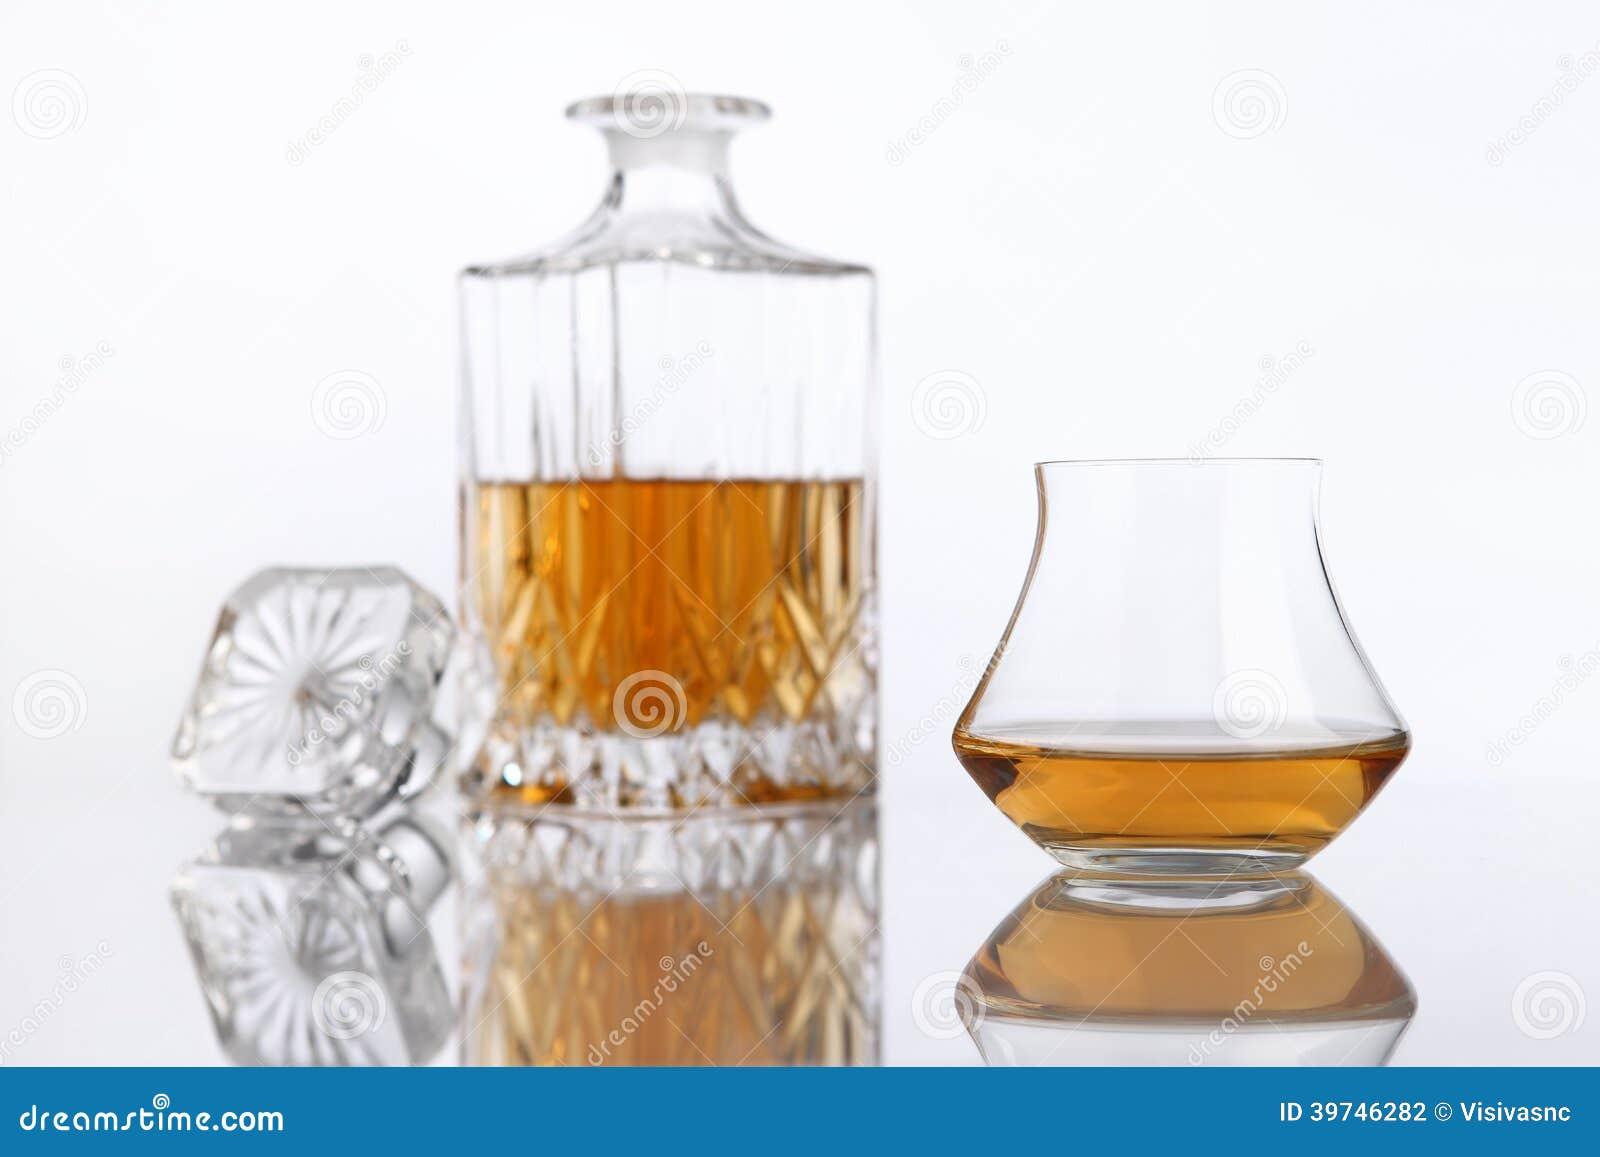 Bouteille et verre d 39 eau de vie fine sur une table blanche - Place du verre a eau sur une table ...